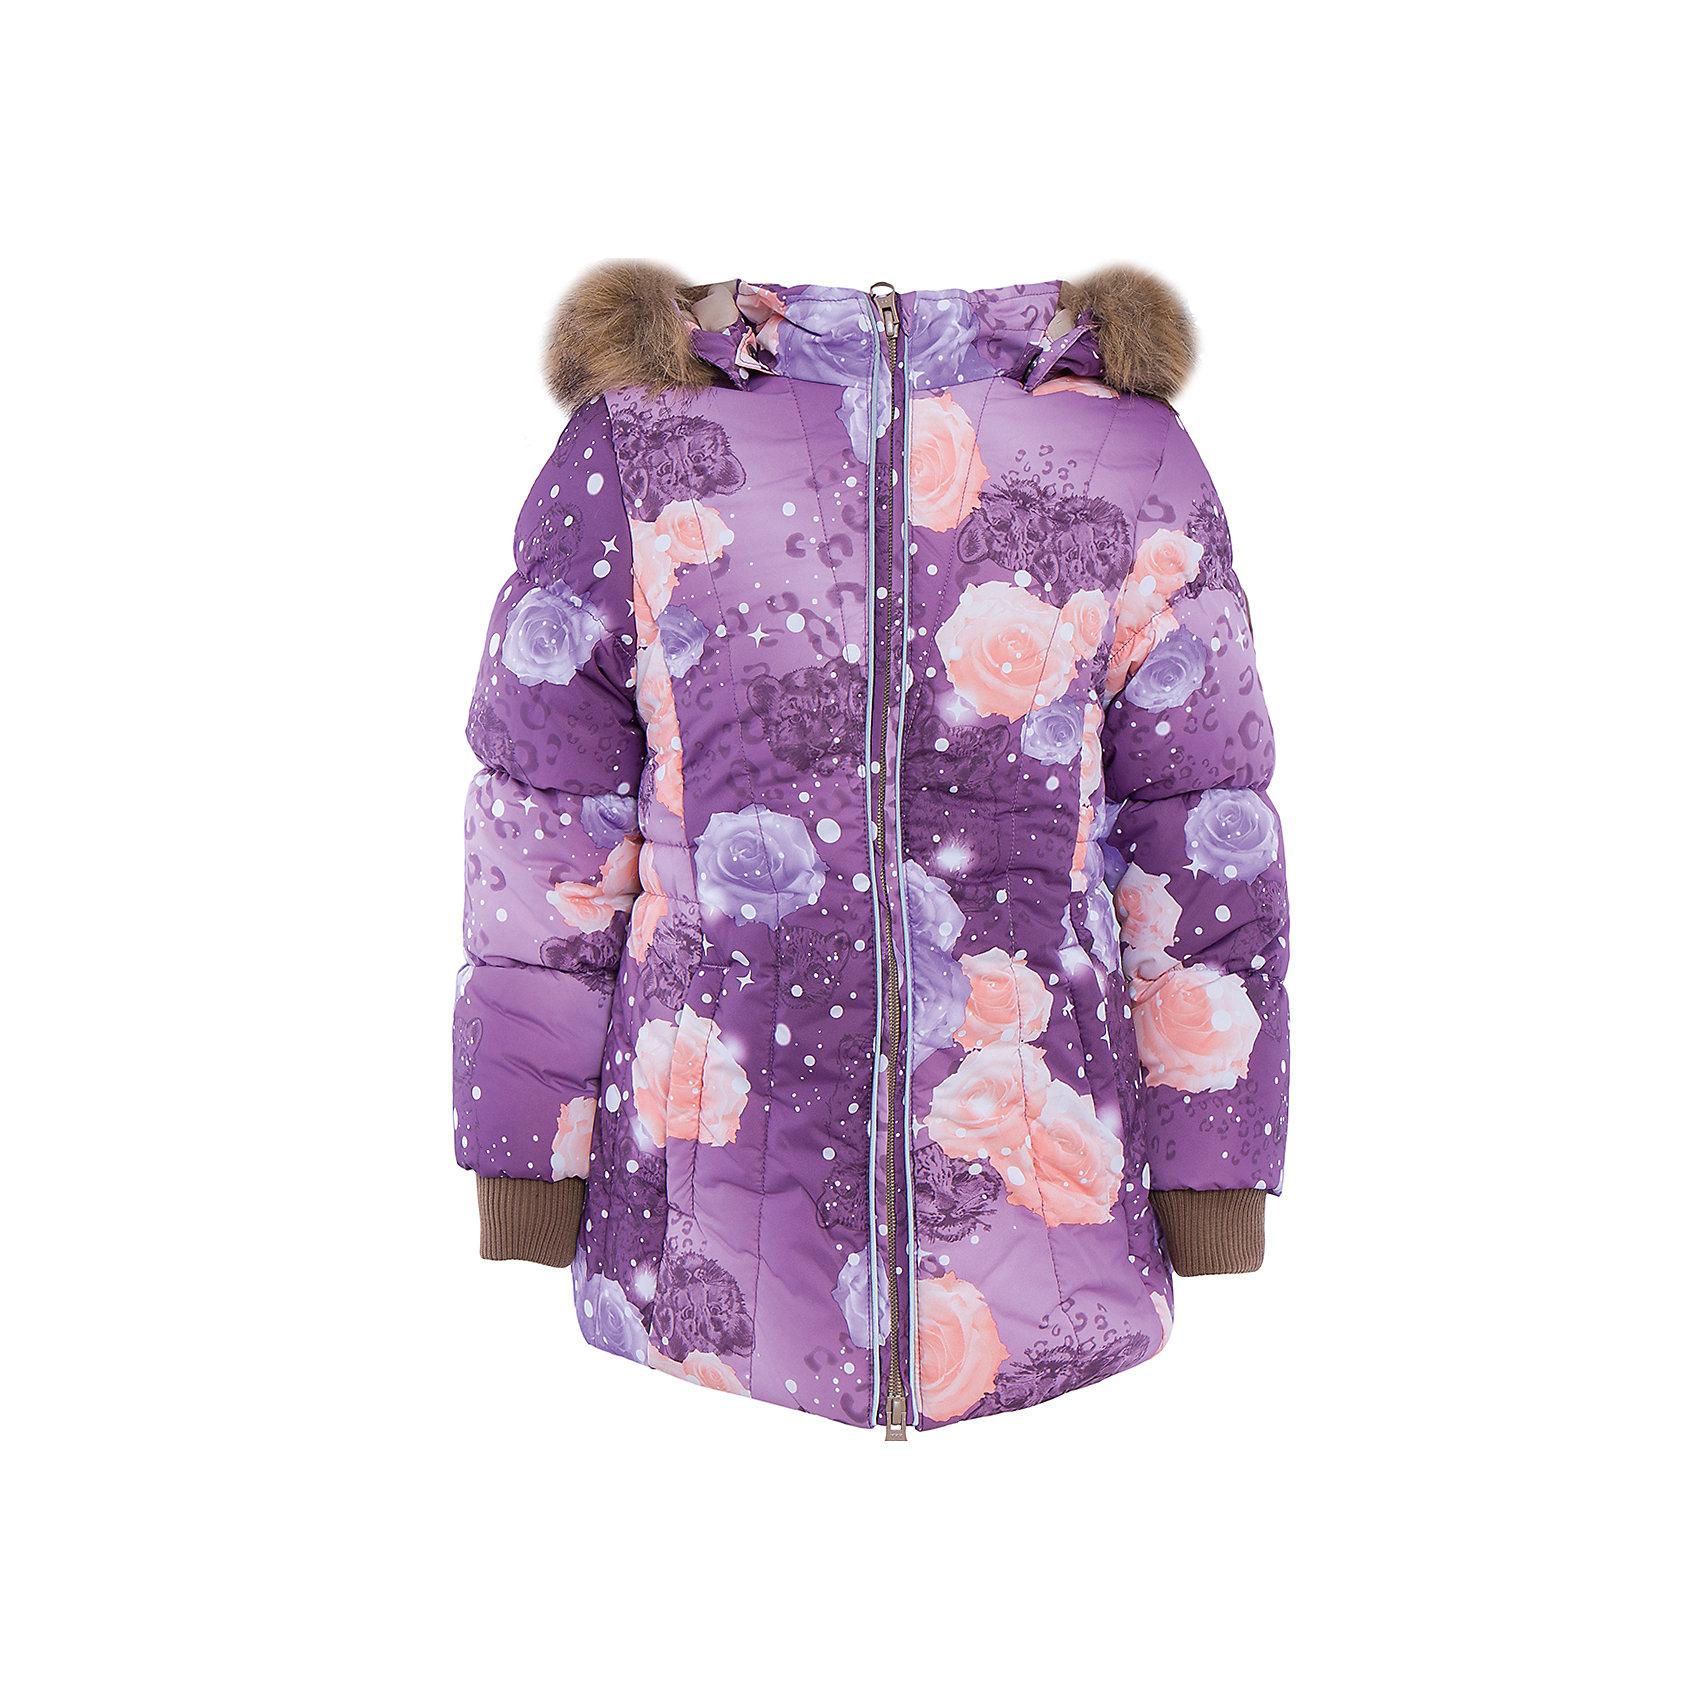 Куртка   для девочки HuppaЗимние куртки<br>METTE Huppa(Хуппа) - утепленная куртка для девочки.<br><br>Утеплитель: 100% полиэстер, 300 гр.<br><br>Температурный режим: до -30 градусов. Степень утепления – высокая. <br><br>* Температурный режим указан приблизительно — необходимо, прежде всего, ориентироваться на ощущения ребенка. Температурный режим работает в случае соблюдения правила многослойности – использования флисовой поддевы и термобелья.<br><br>Она сделана из прочных дышащих материалов, которые не пропускают воду и ветер и выводят лишнюю влагу. Утеплитель HuppaTherm сохранит высокую теплоизоляцию и объем. Кроме того, куртку легко стирать при температуре до 40 градусов и сушить. Приятный дизайн и высокое качество непременно понравятся юной обладательнице такой куртки!<br><br>Особенности:<br>-съемный мех на капюшоне<br>-светоотражающие элементы<br>-отстегивающийся капюшон<br>-скрытые манжеты на рукавах<br><br>Дополнительная информация: <br>Материал: 100% полиэстер<br>Подкладка: тафта - 100% полиэстер<br>Цвет: лиловый<br><br>Куртку METTE Huppa(Хуппа) можно приобрести в нашем интернет-магазине.<br><br>Ширина мм: 356<br>Глубина мм: 10<br>Высота мм: 245<br>Вес г: 519<br>Цвет: фиолетовый<br>Возраст от месяцев: 36<br>Возраст до месяцев: 48<br>Пол: Женский<br>Возраст: Детский<br>Размер: 104,140,110,116,122,128,134<br>SKU: 4928297